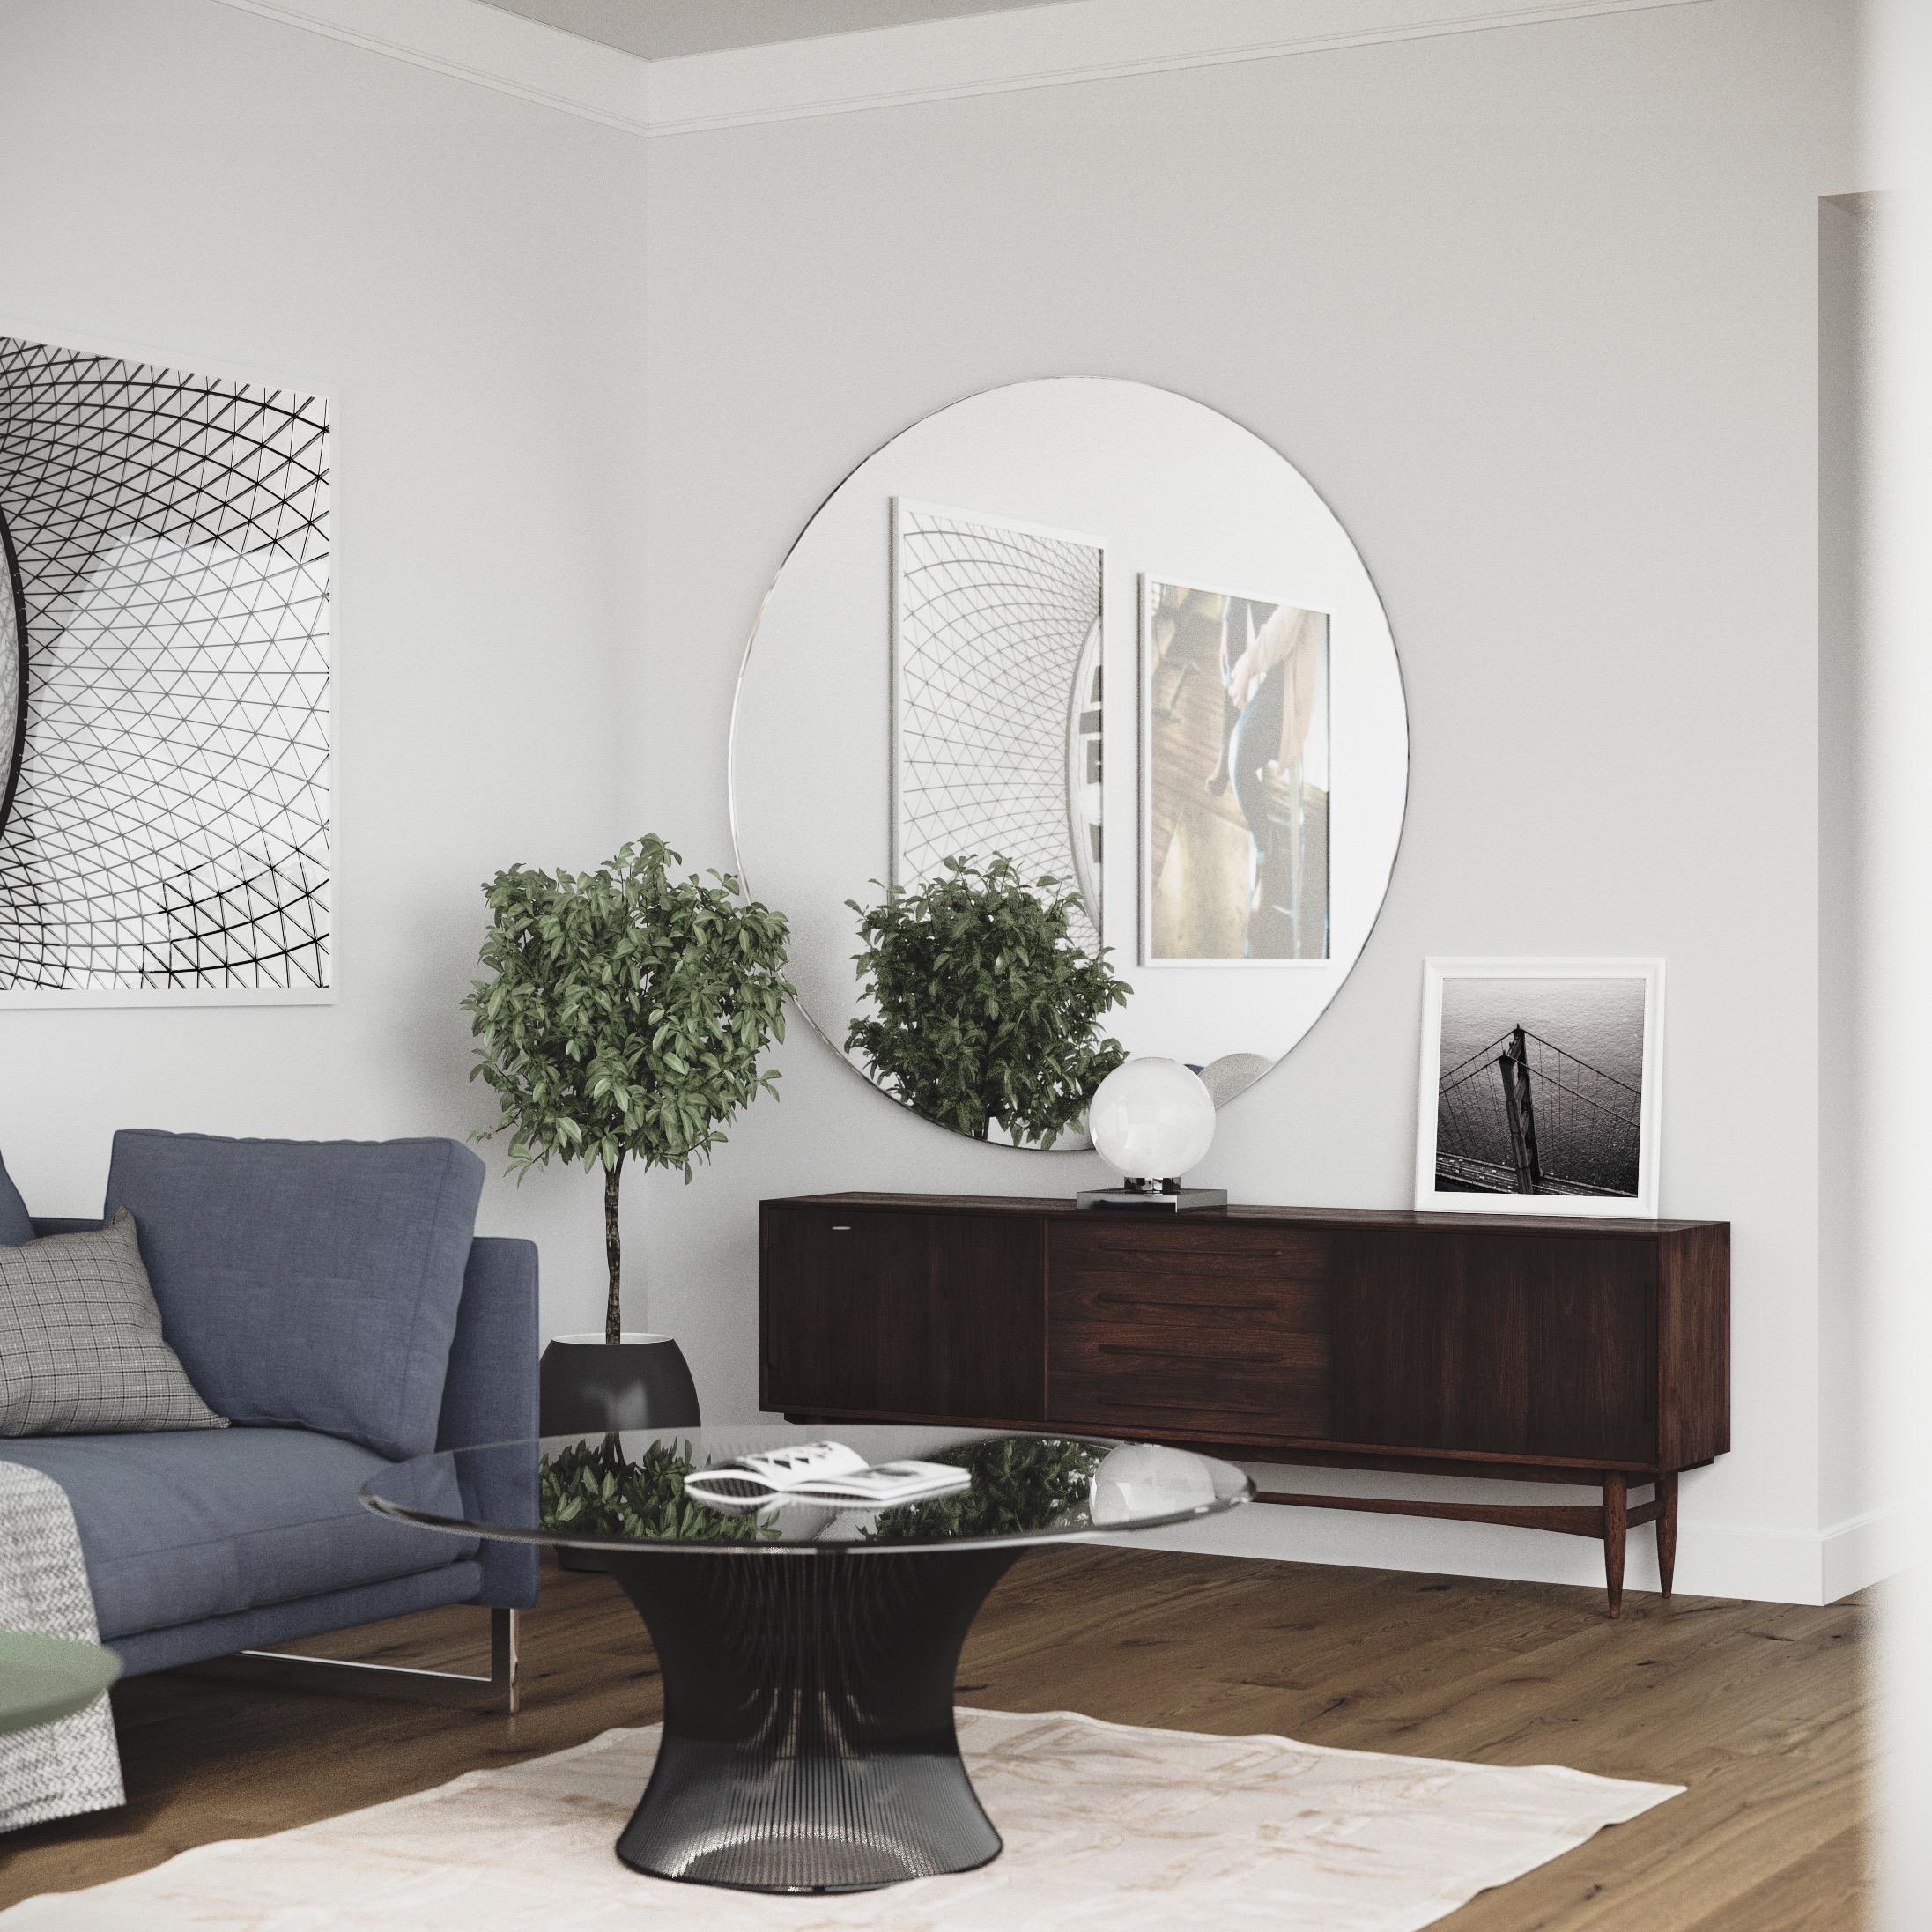 thomas round mirror ballard designs - mirror designs